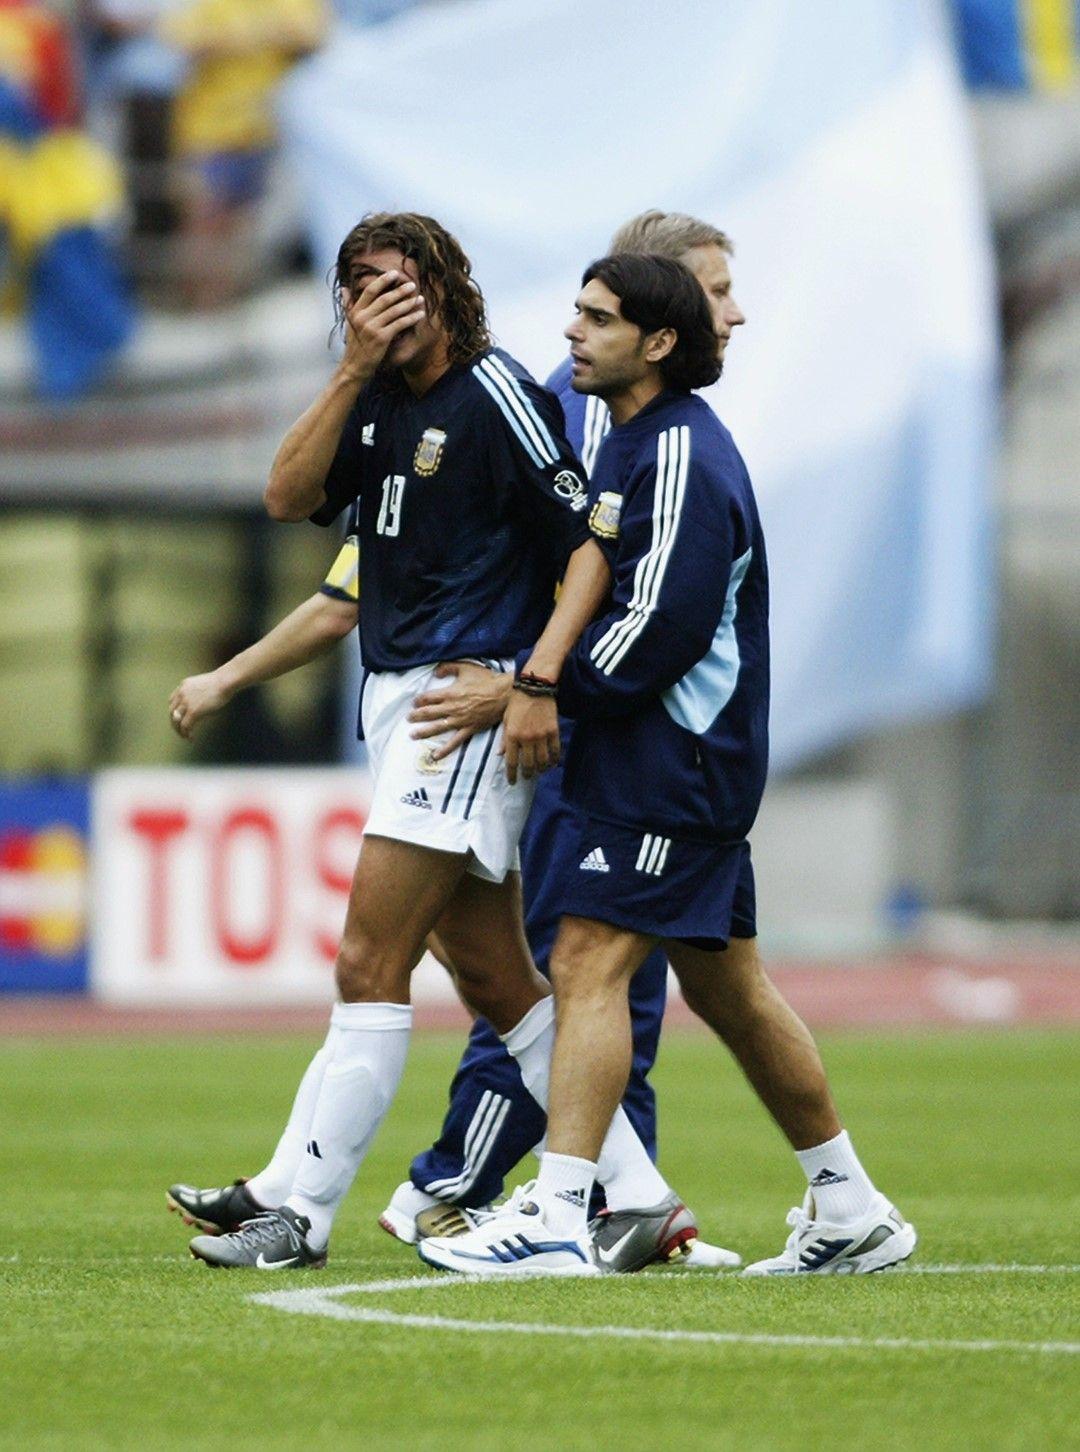 Сълзите на Креспо са лесно обясними - този отбор на Аржентина тръгна за титла, а отпадна в групата.